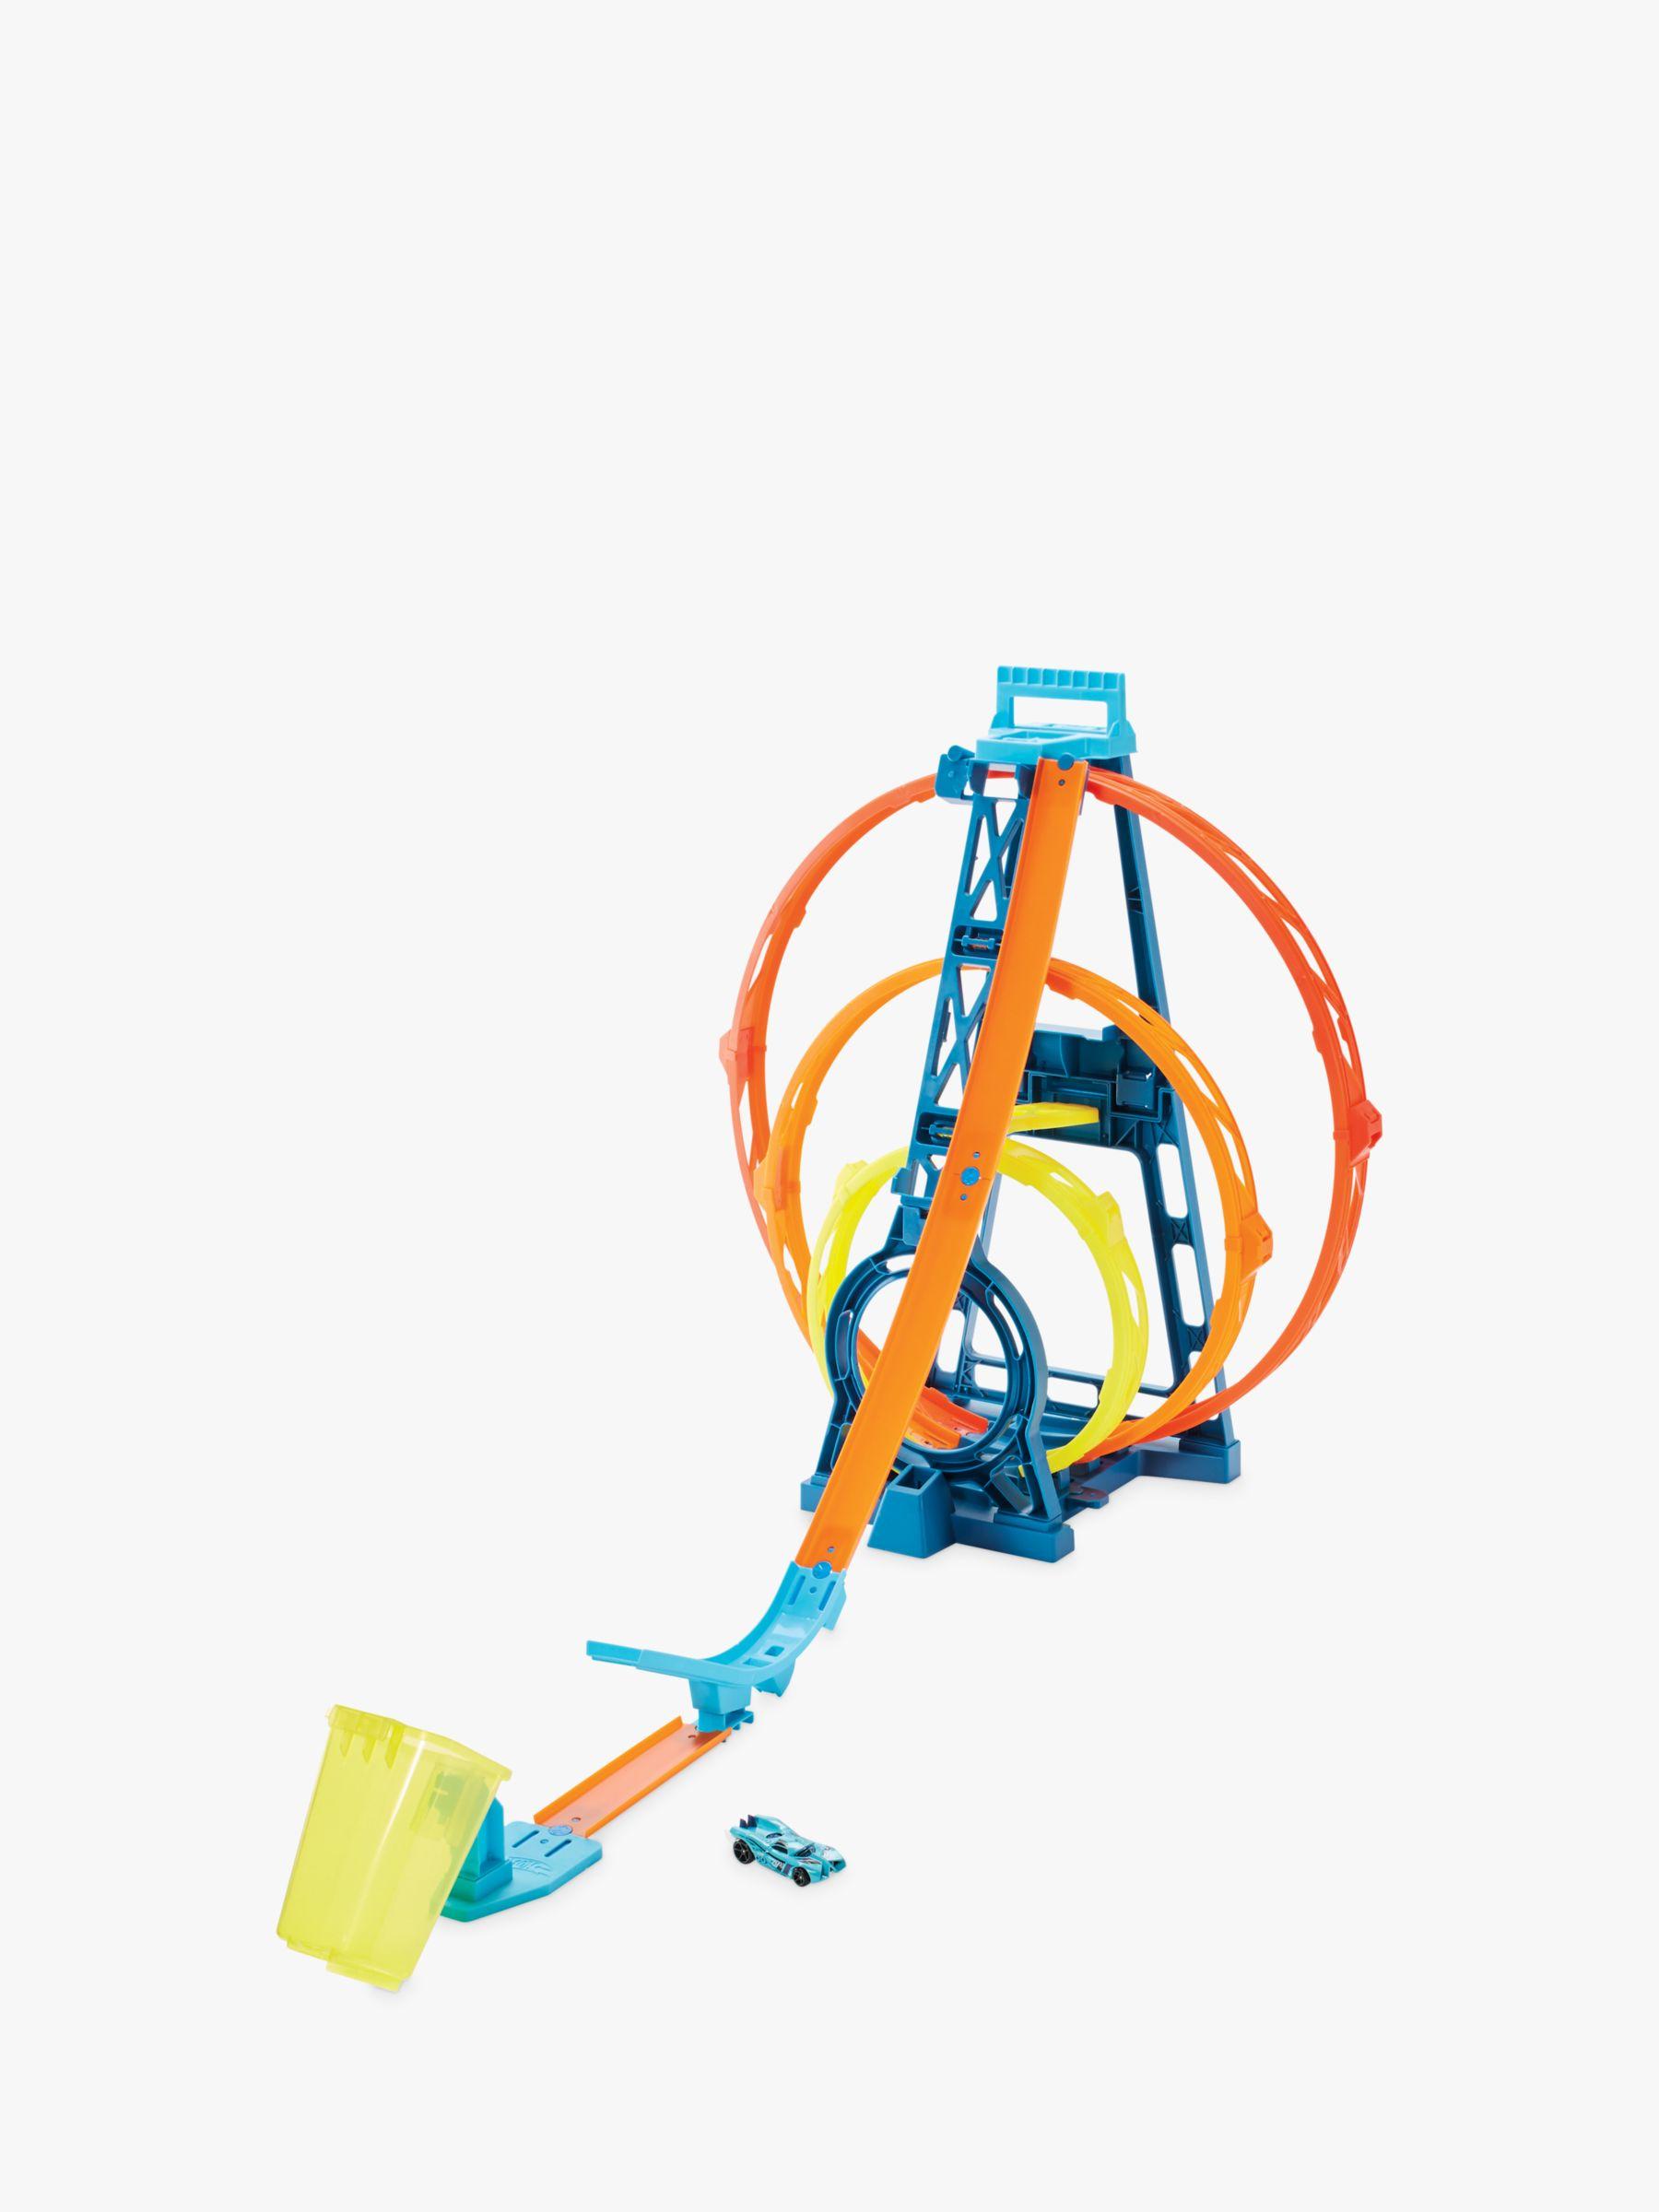 Hot Wheels Hot Wheels Track Builder Unlimited Triple Loop Kit